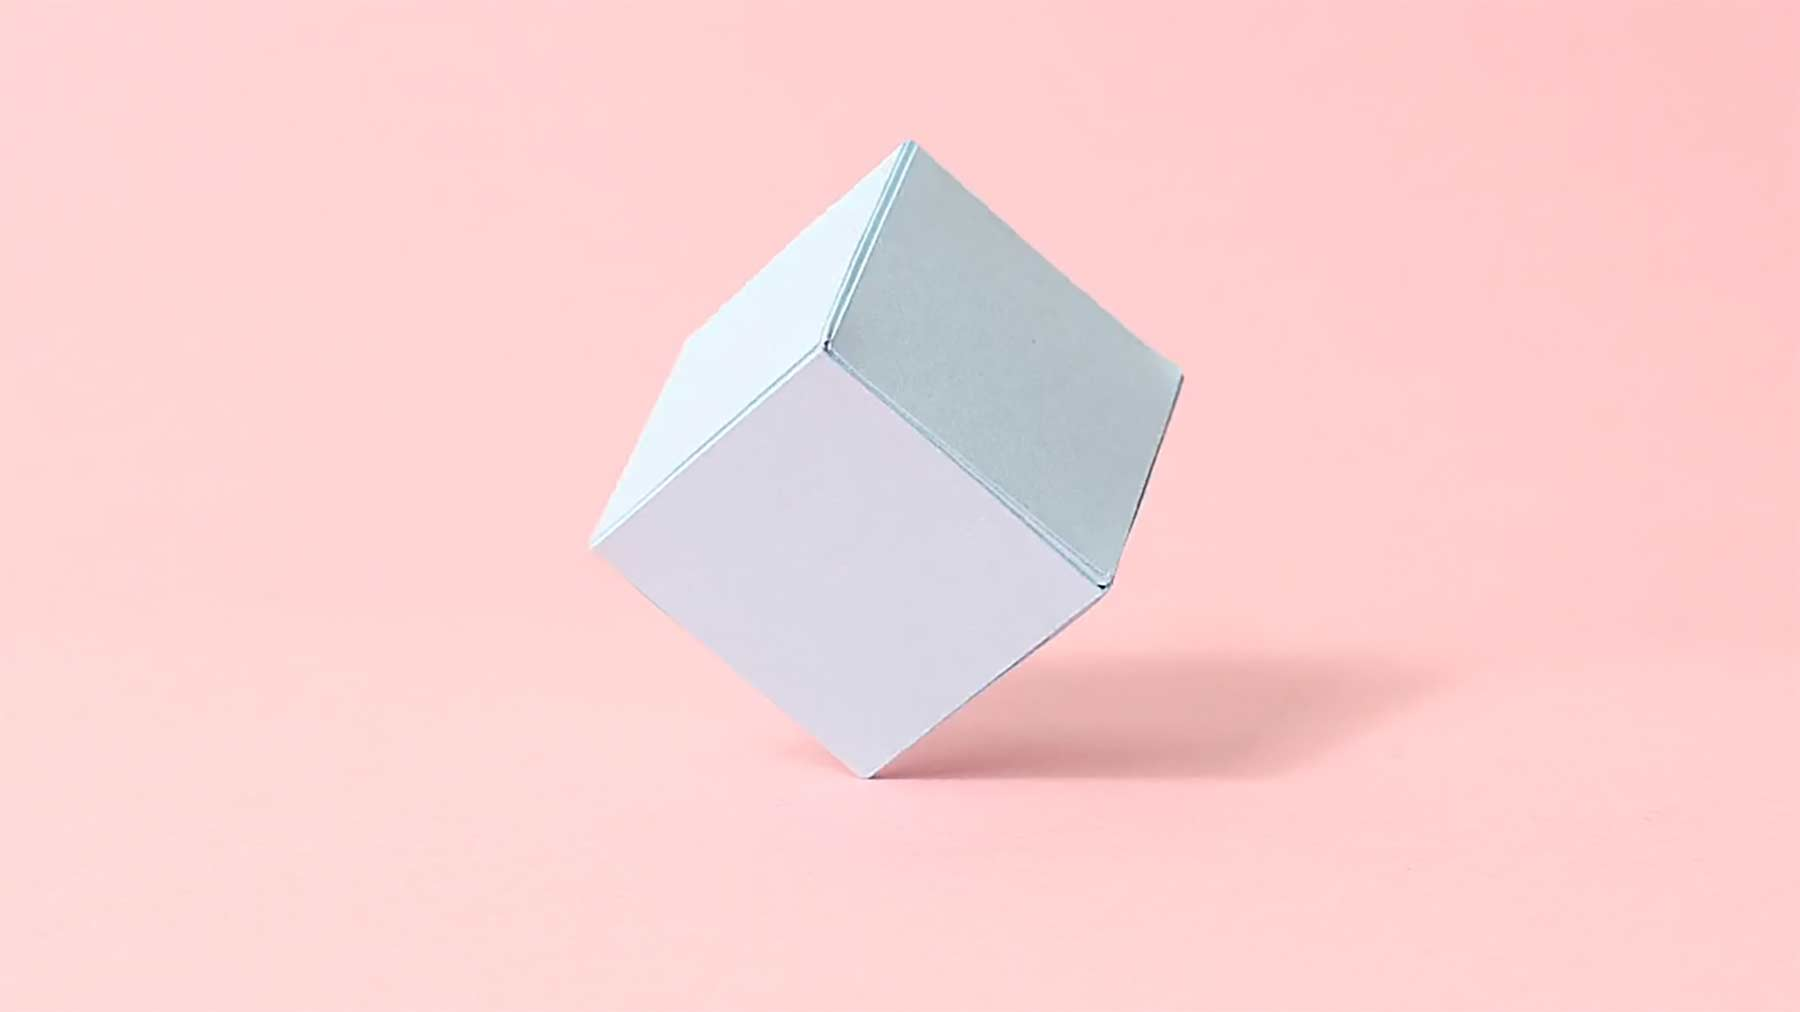 Papierwürfel zeigt menschliche Emotionen